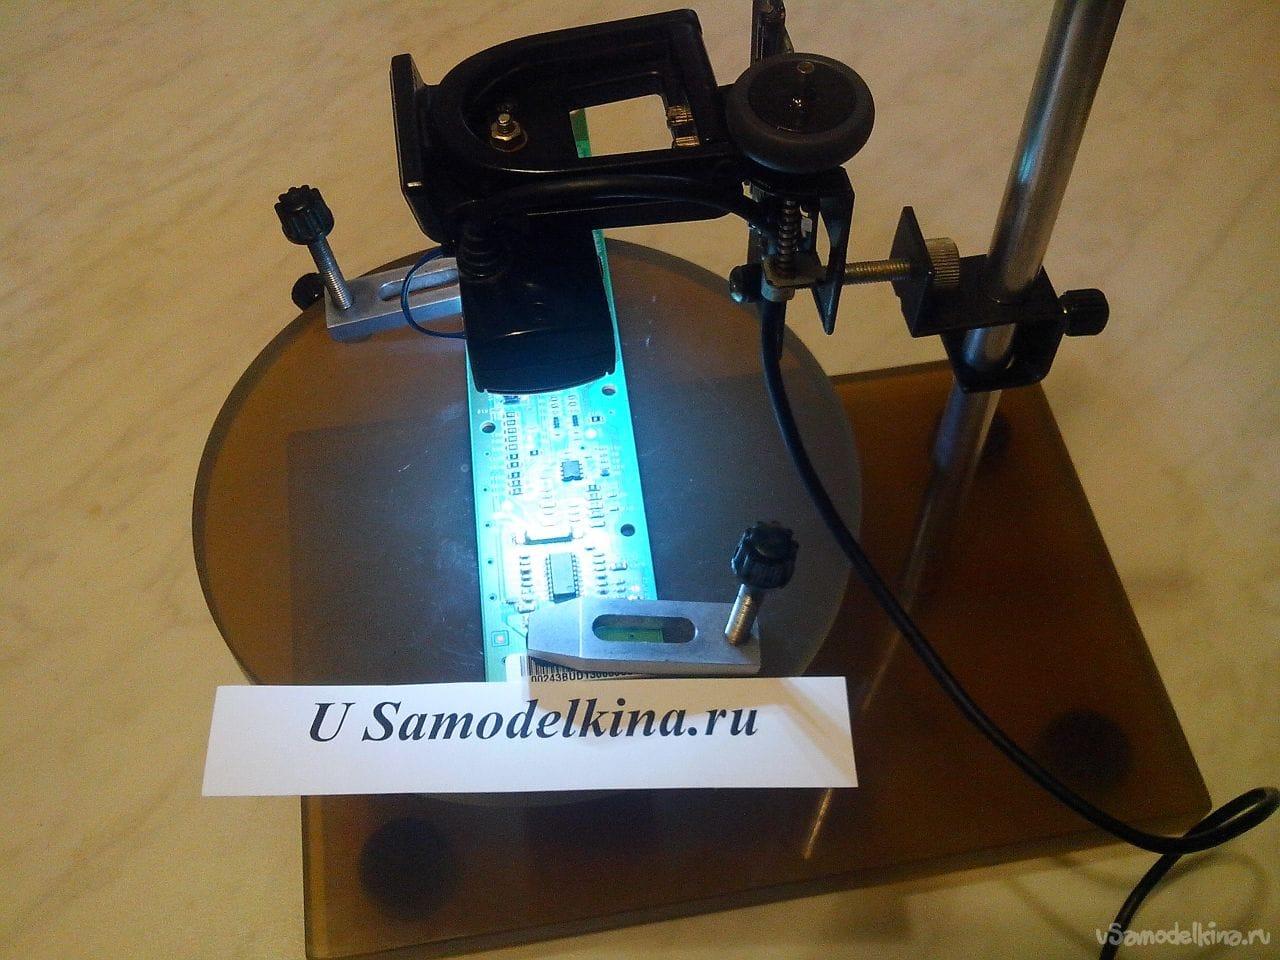 Юсб микроскоп для пайки своими руками